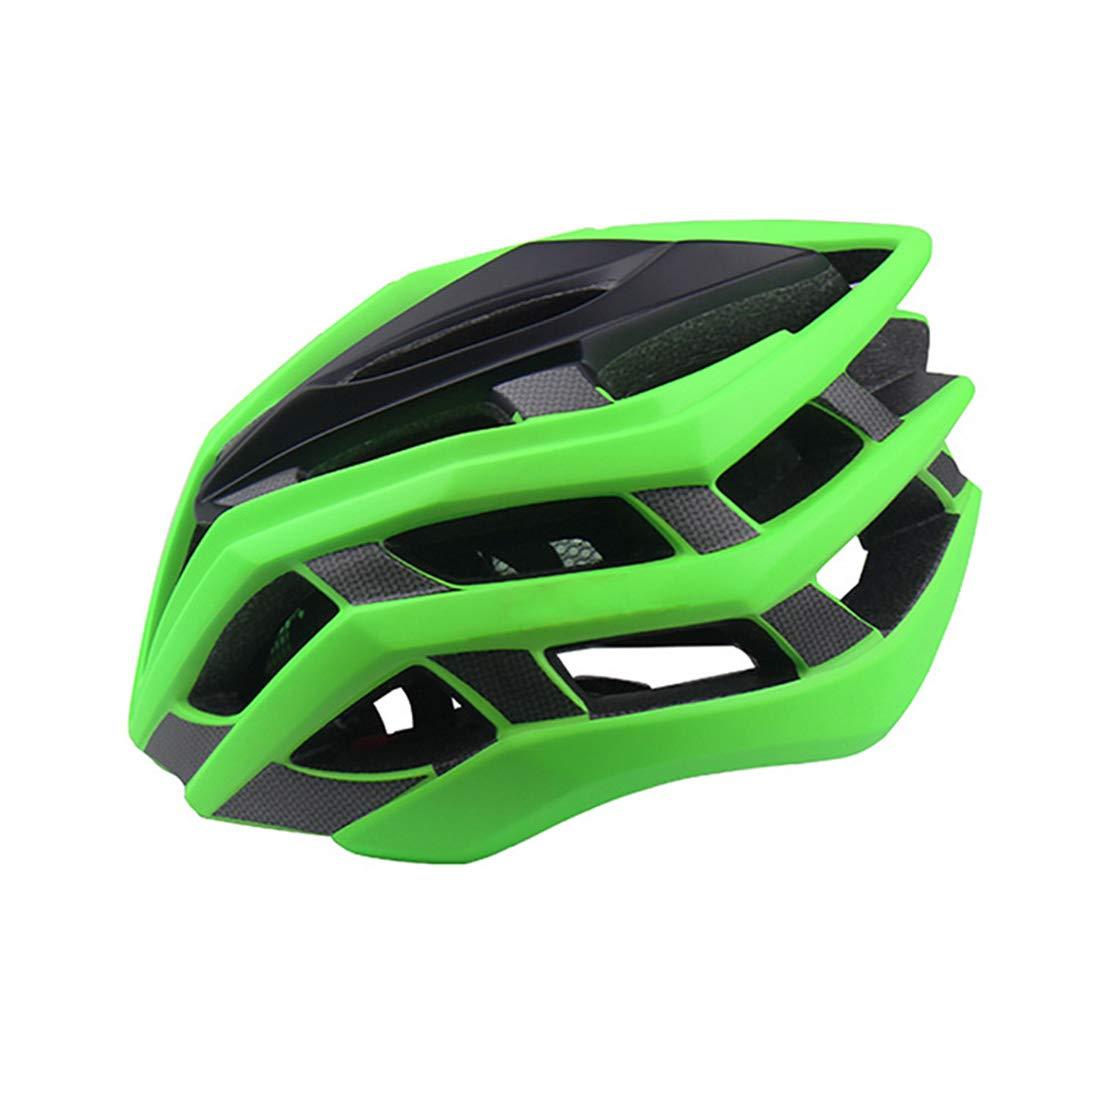 Dhrfyktu Ultraleichter Verstellbarer Fahrradhelm für Erwachsene, männliche und weibliche Mountainbike-Fahrradhelm, montierte Fahrräder